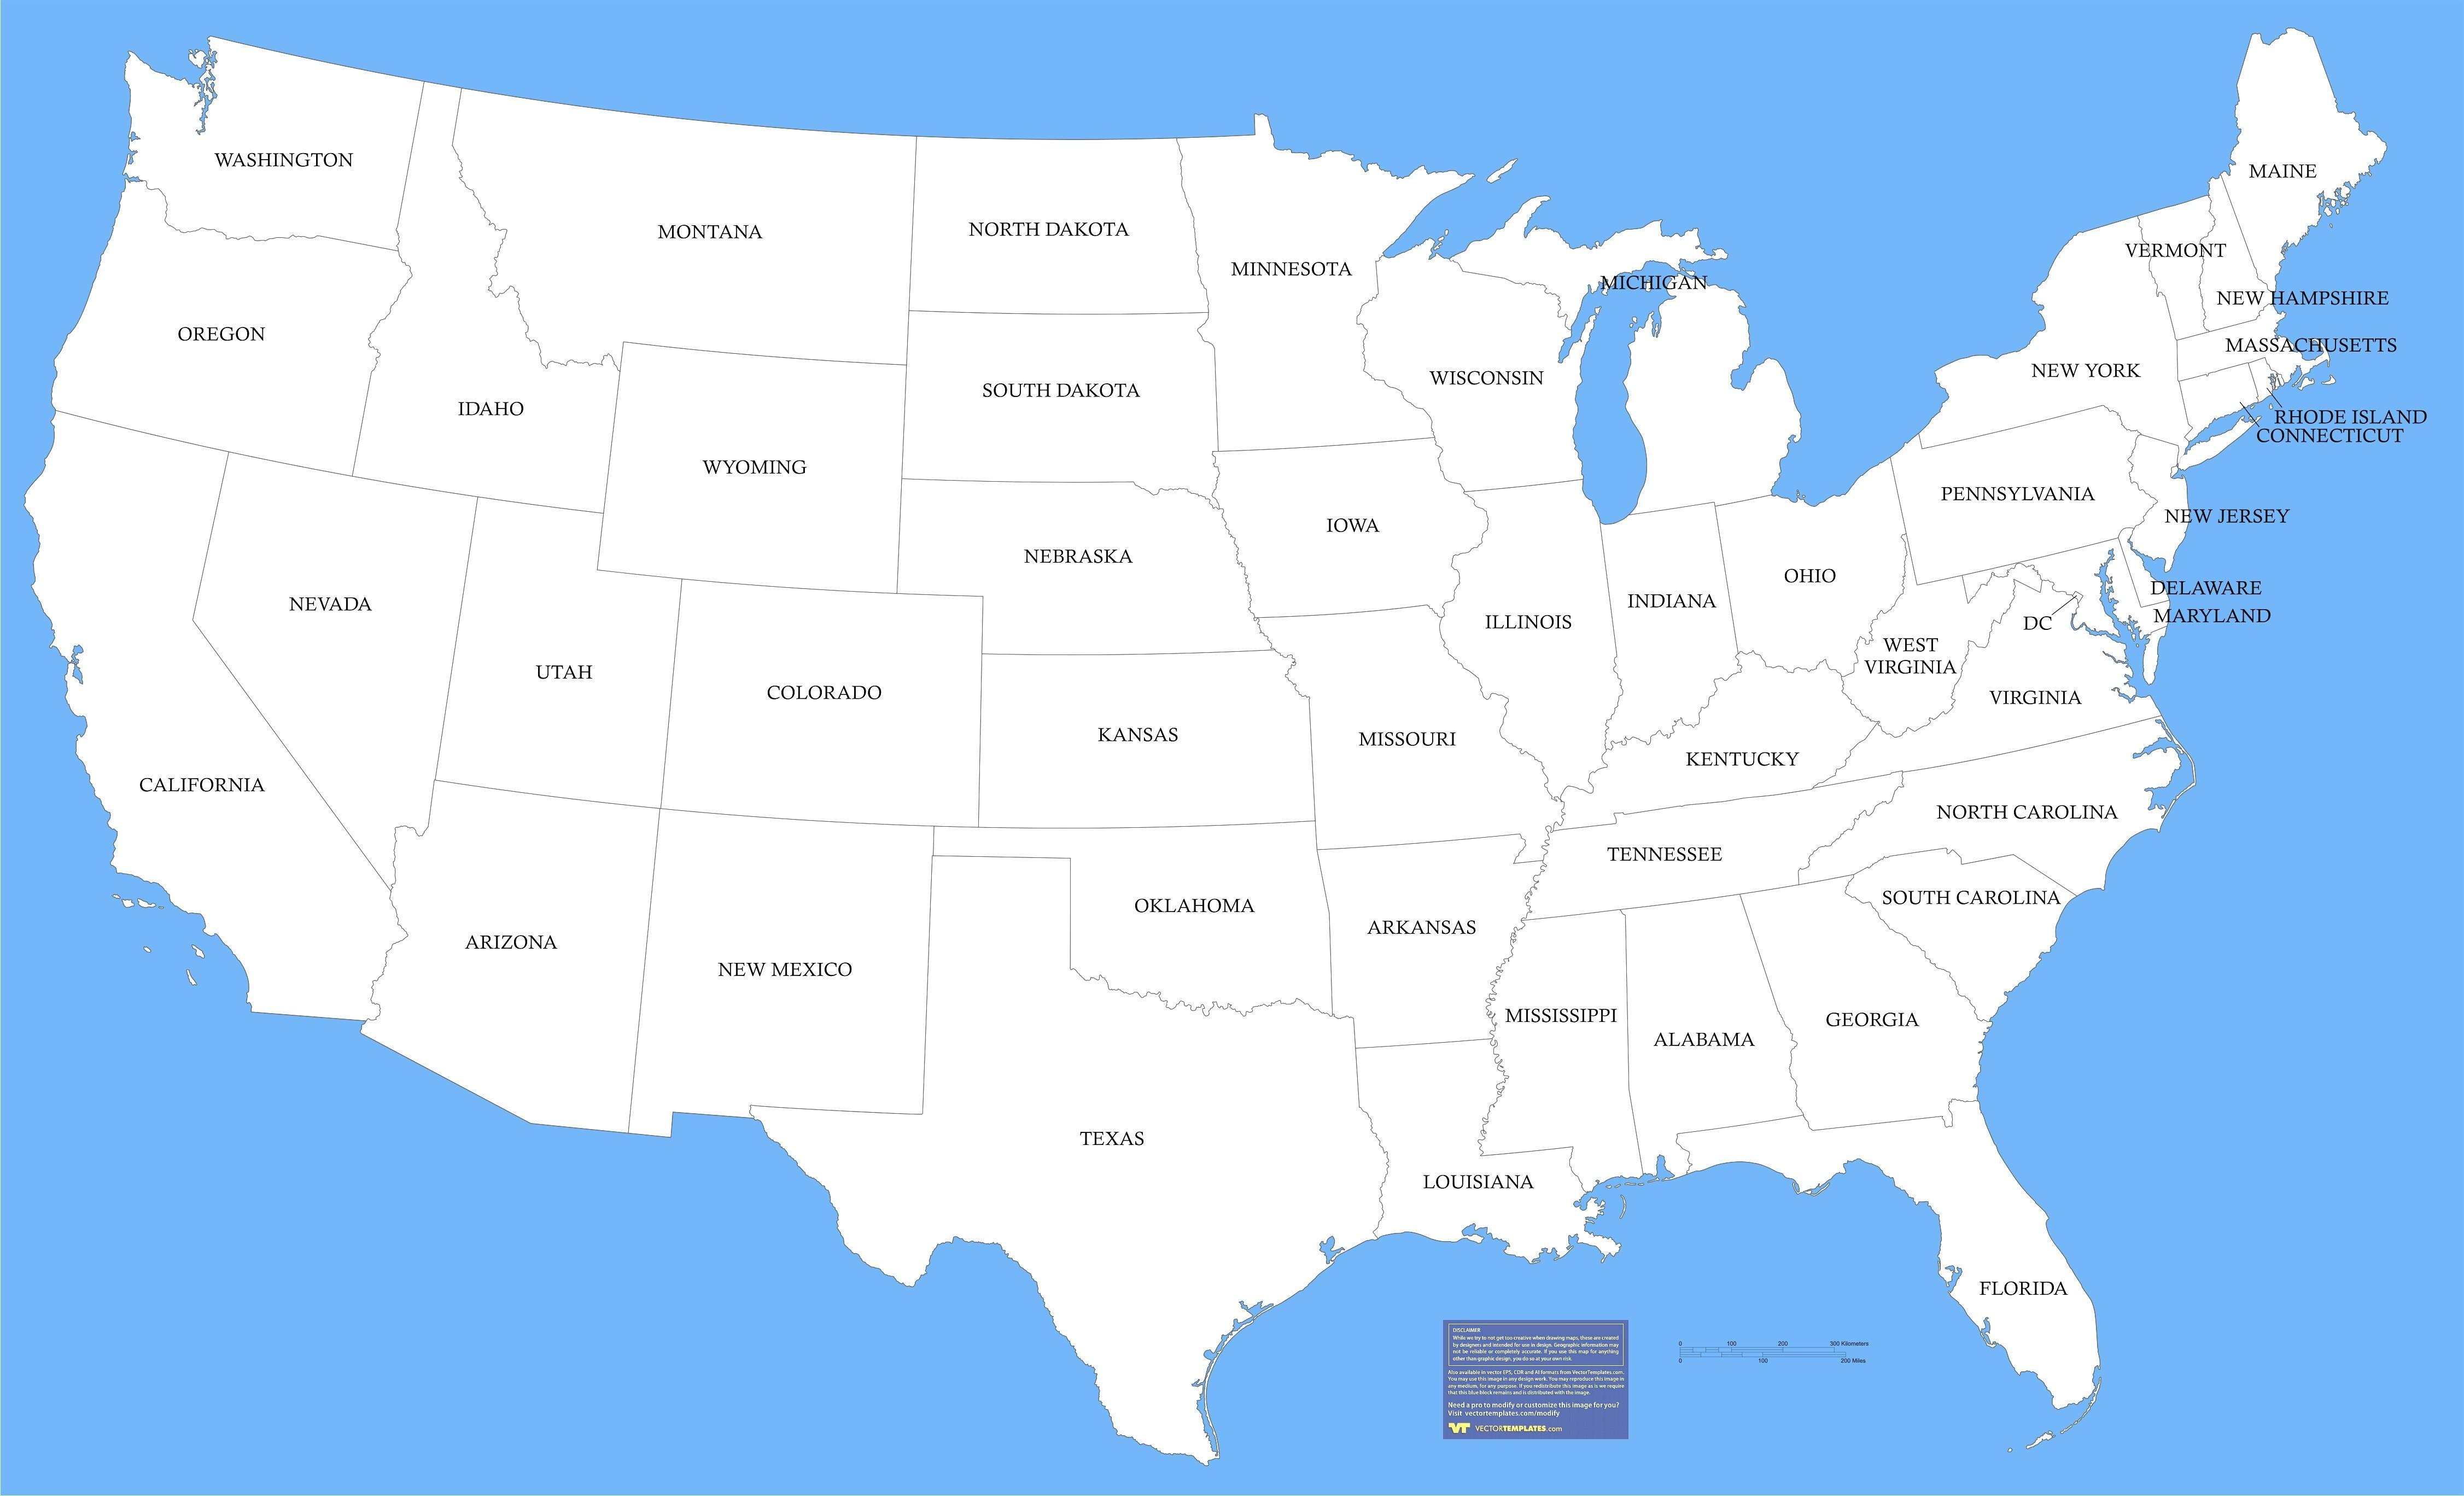 Us Map Orlando Florida Beautiful Map Alabama And Florida Unique 1 - Us Map Of Alabama And Florida